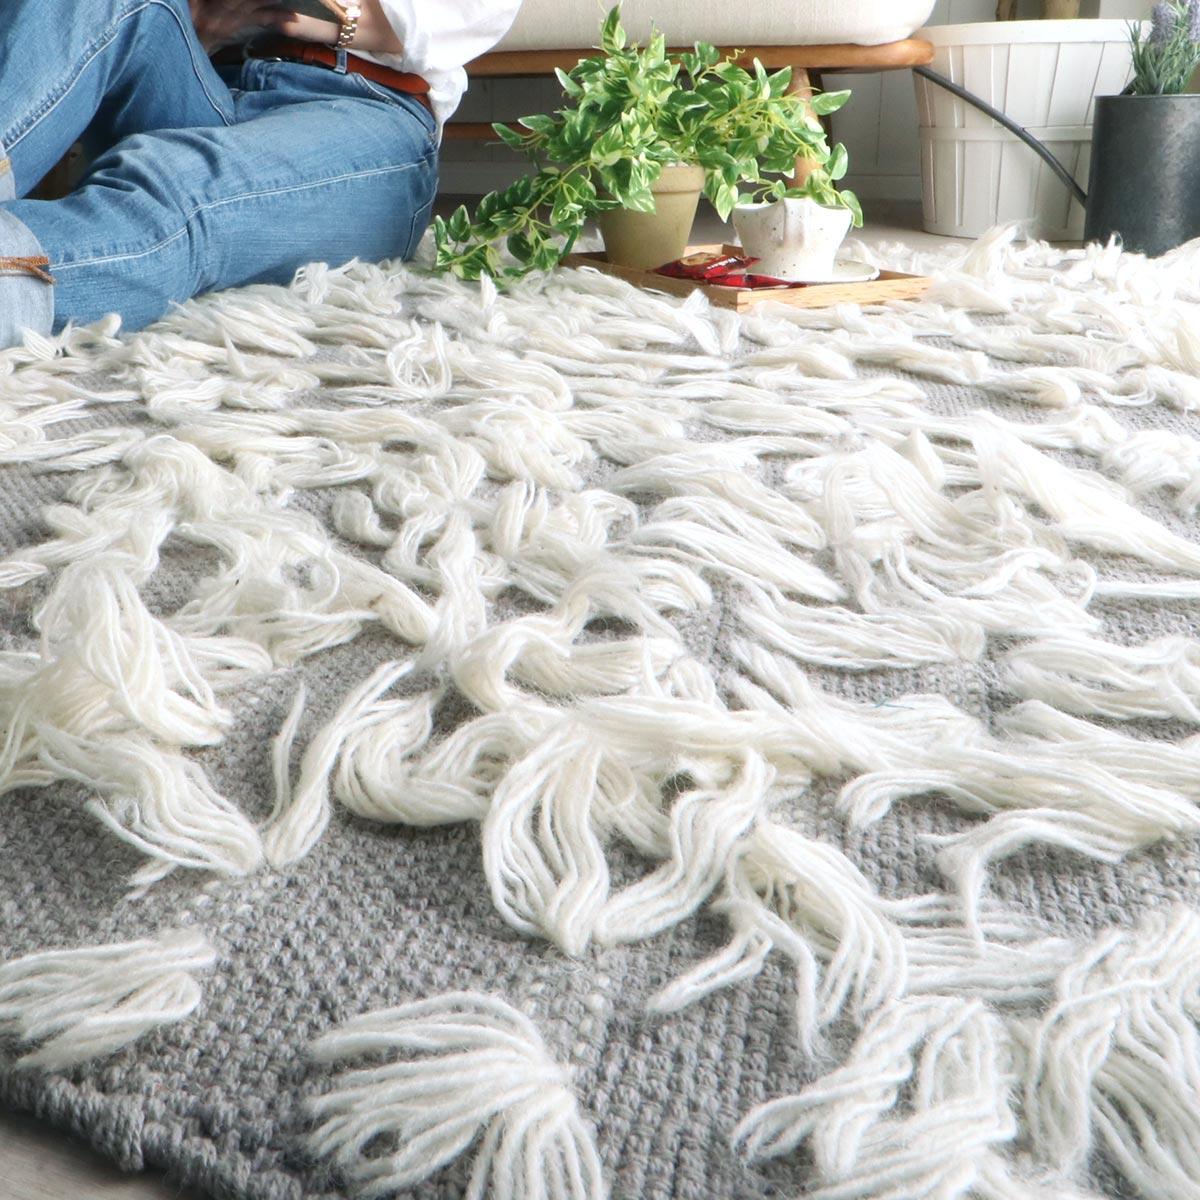 オールシーズン対応!上質の綿とウールなどを使用した個性派デザインラグ『クレル グレー』